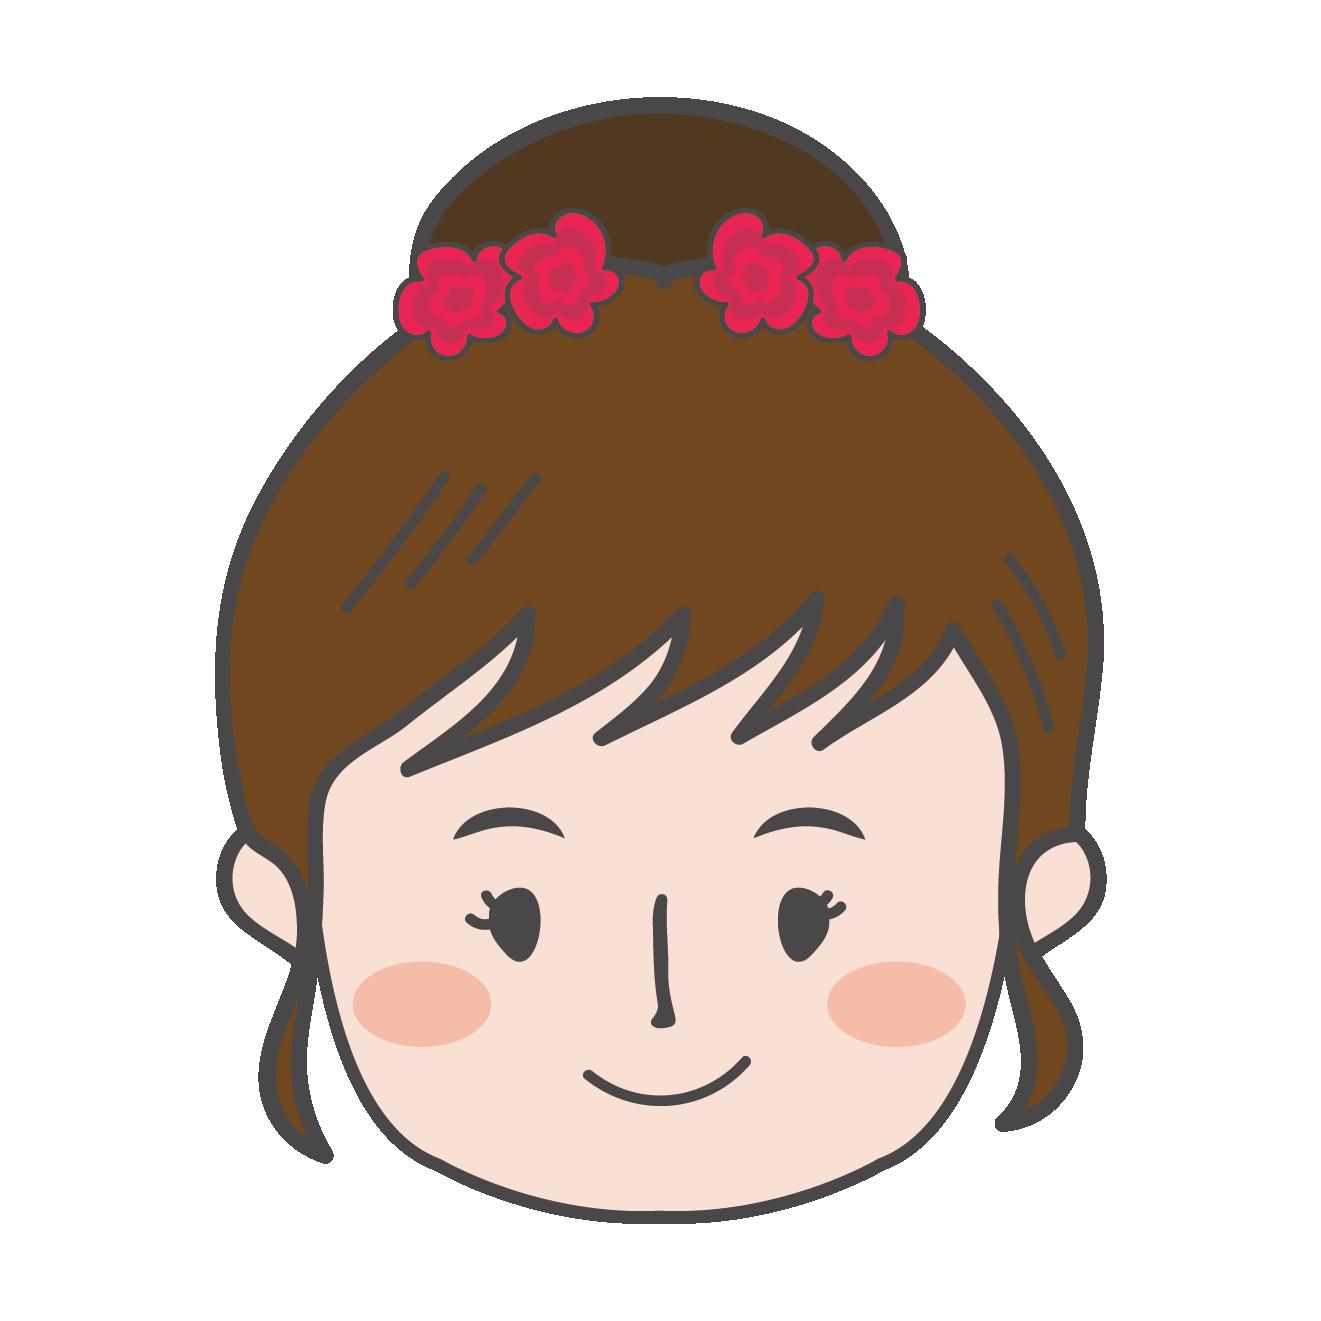 お団子ヘアーの女の子2 イラスト【顔アップ】 | 商用フリー(無料)の